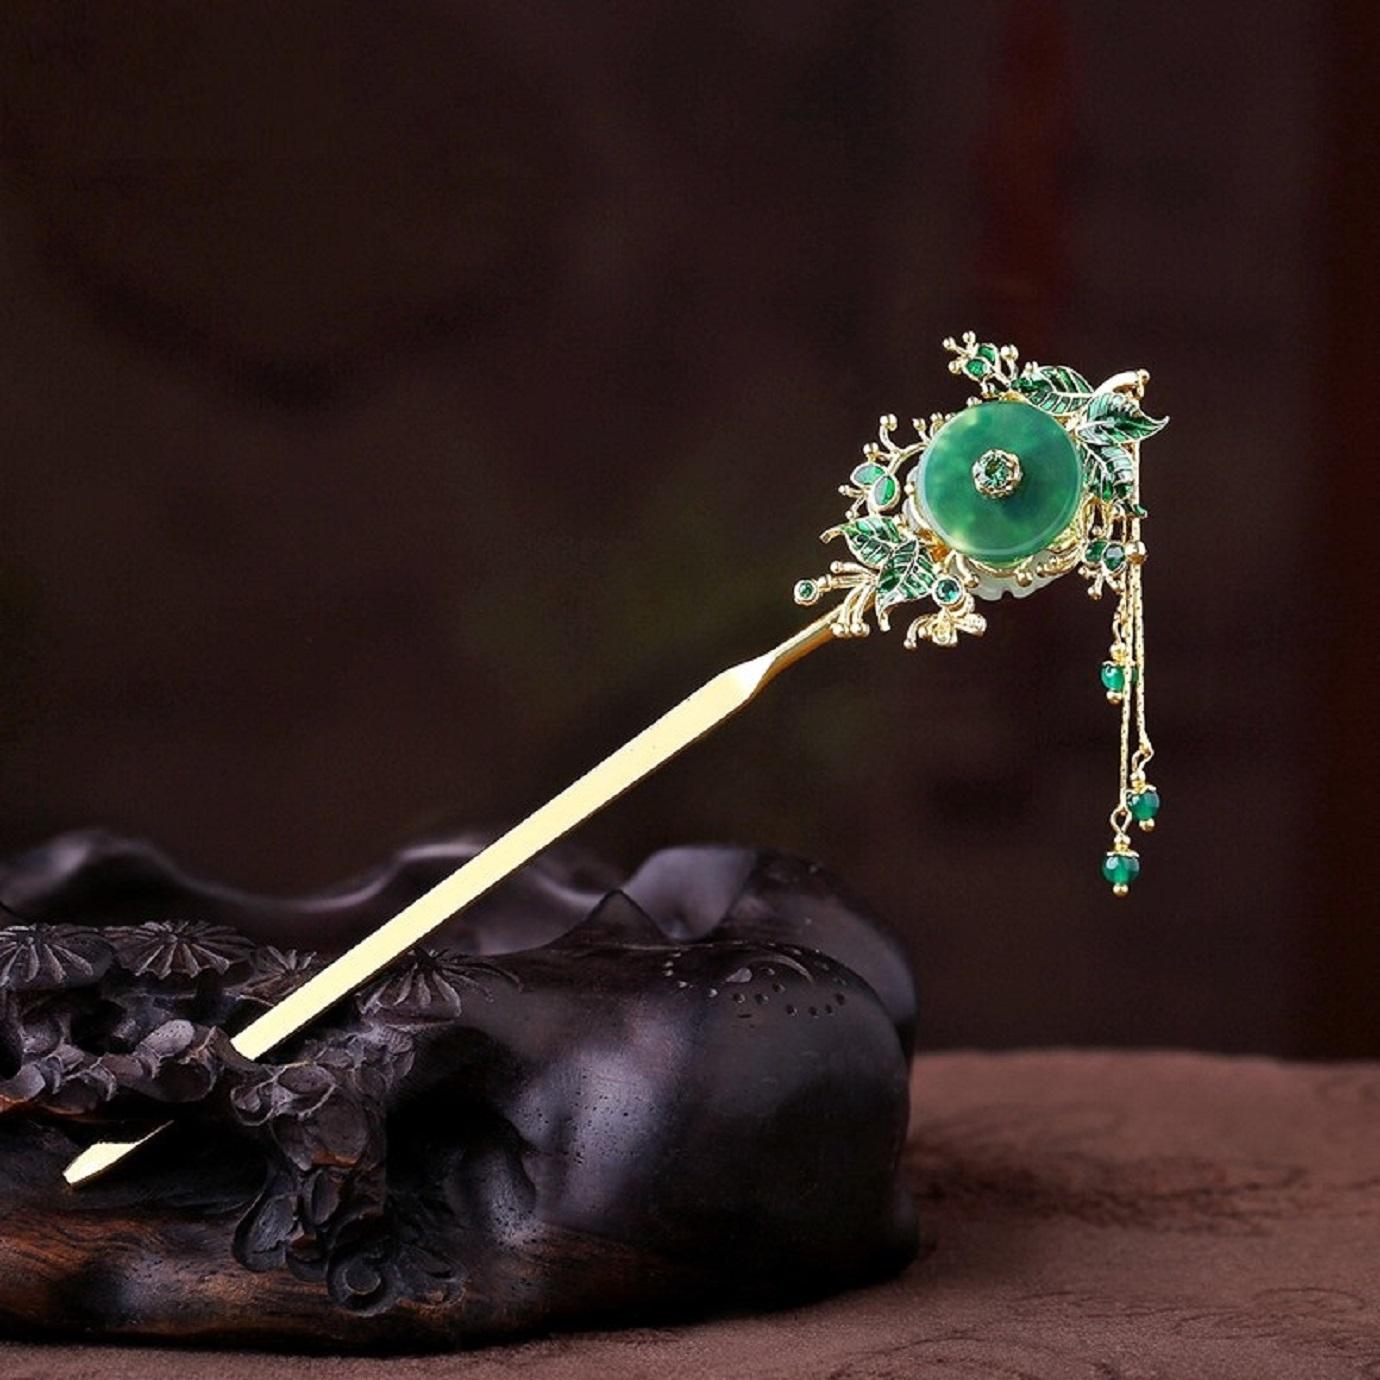 Trâm thân hợp kim đồng gắn đá mã não xanh lá, phong cách cổ điển, cổ trang